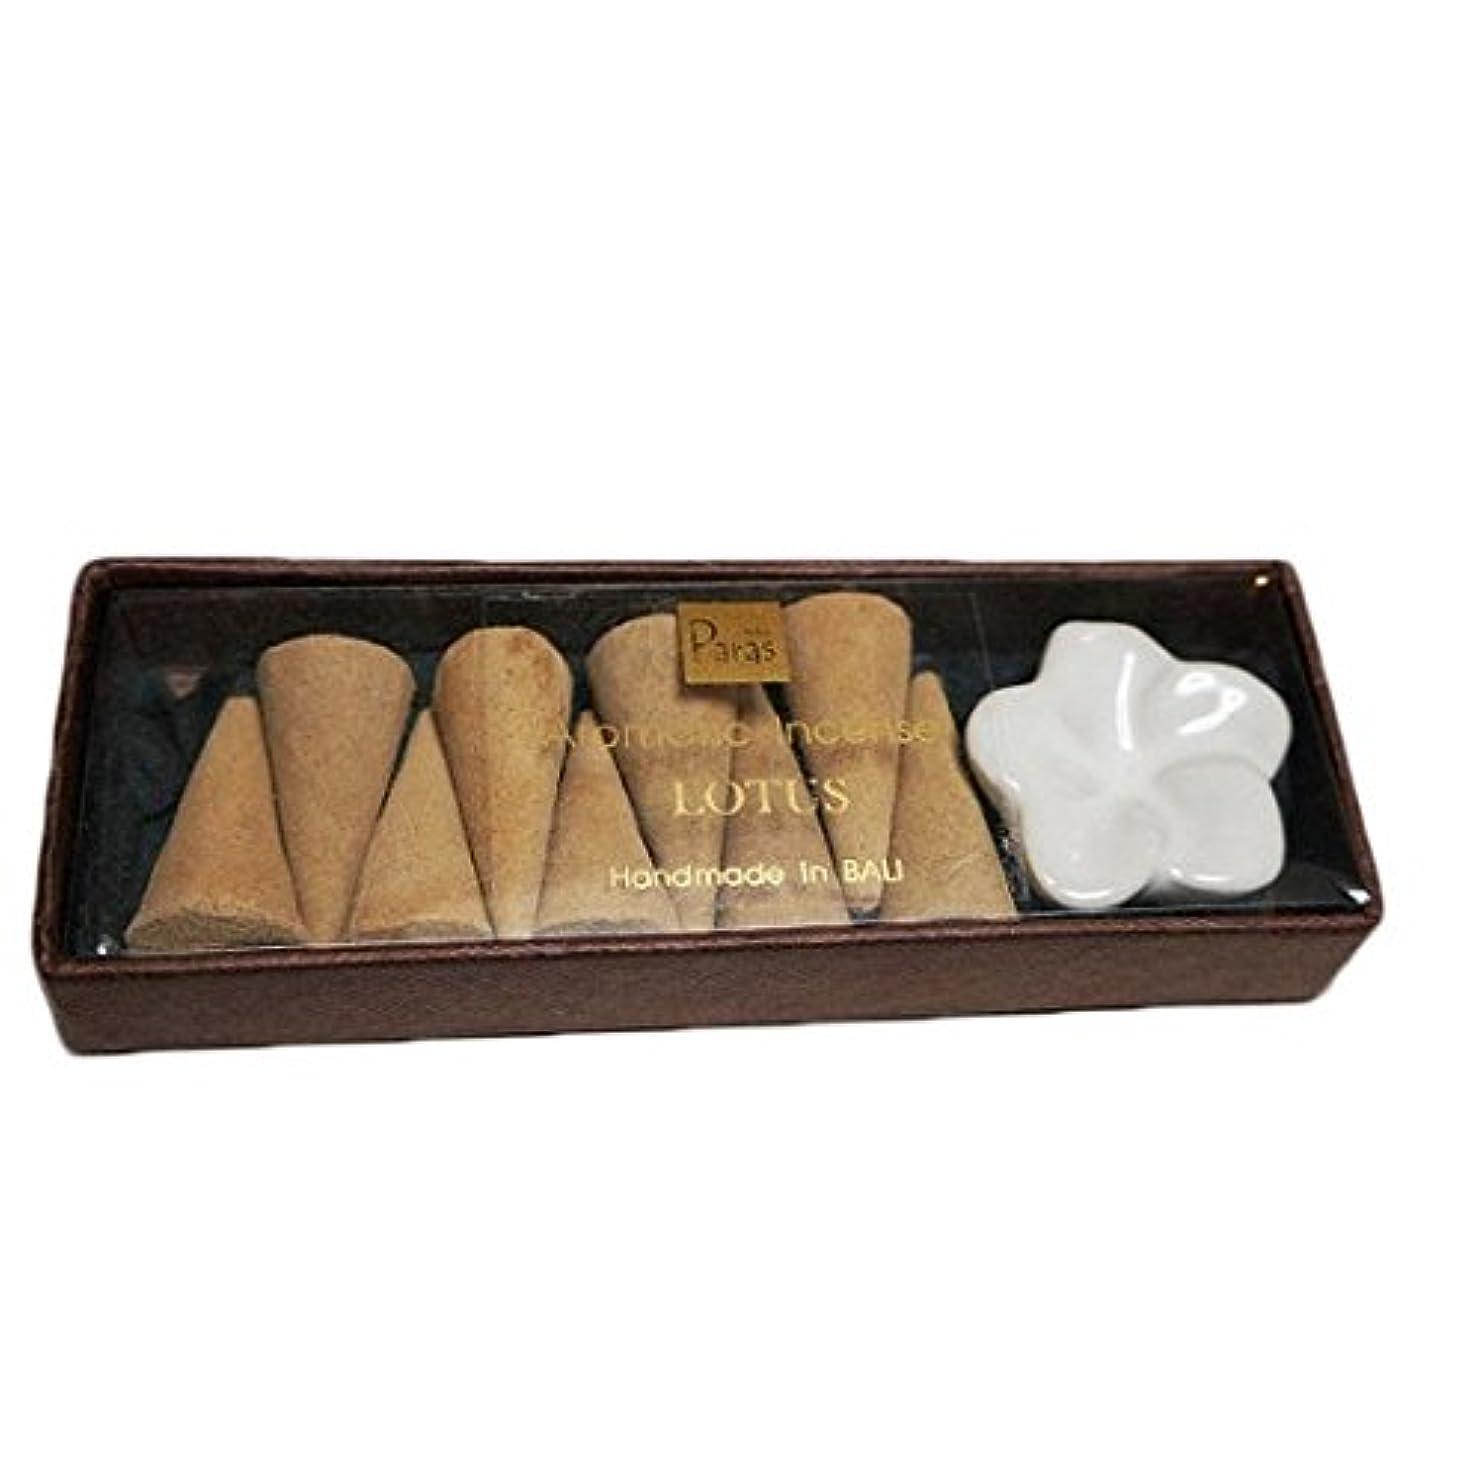 愛する六南アメリカロータス お香セット【トコパラス TOKO PARAS】バリ島 フランジパニの陶器のお香立て付き ナチュラルハンドメイドのお香